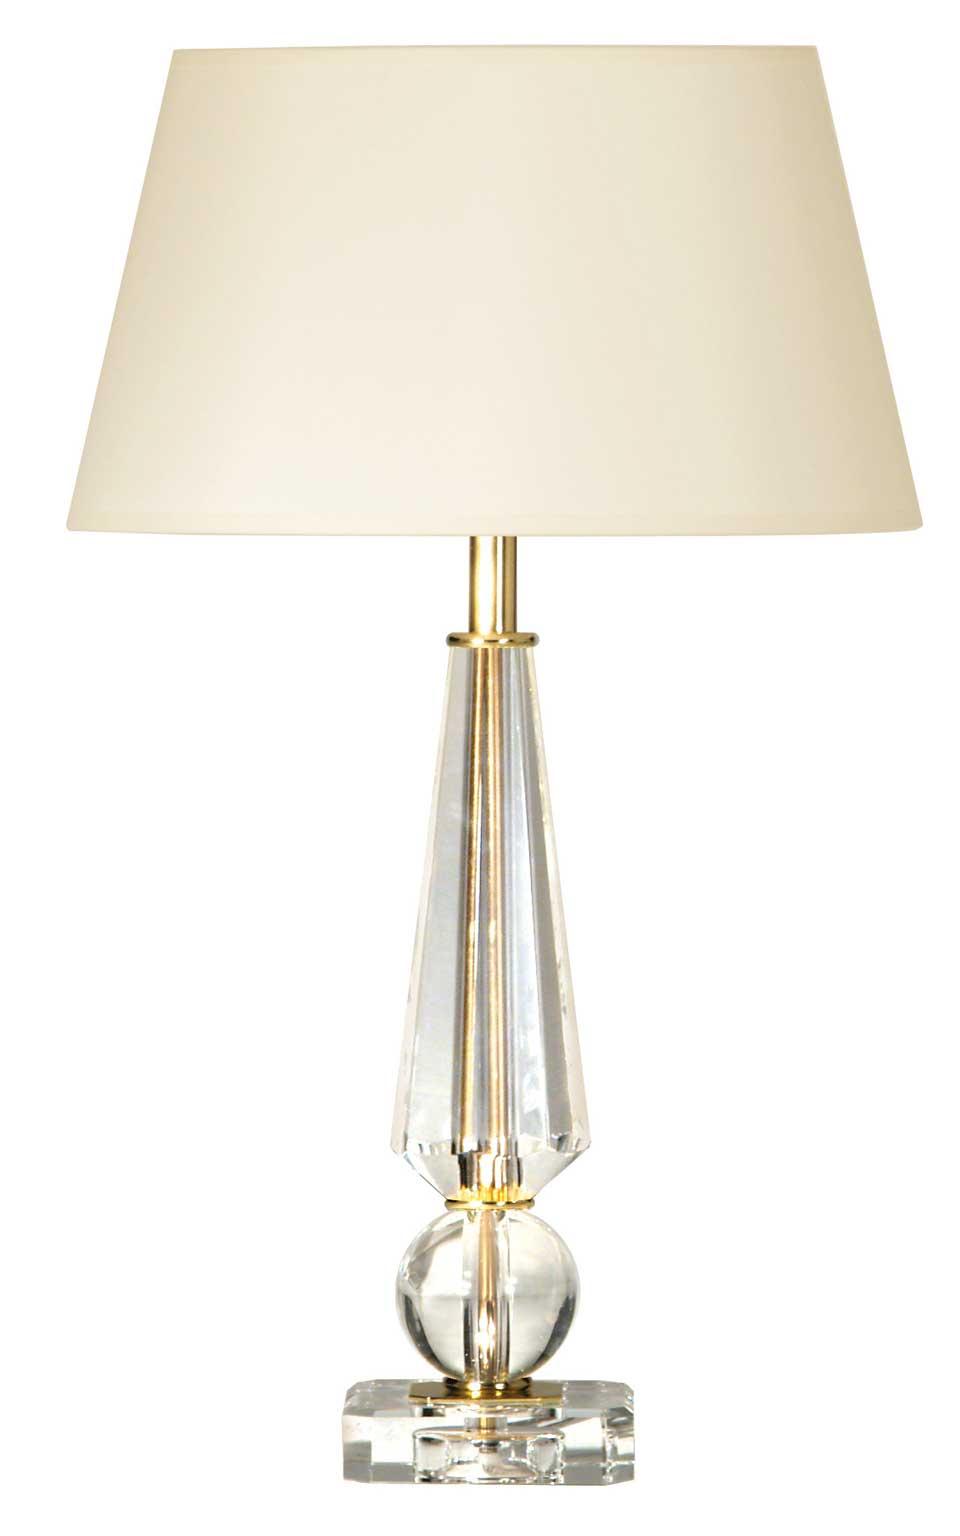 lampe boule et diamant verre optique et m tal dor coty r f 12110303. Black Bedroom Furniture Sets. Home Design Ideas